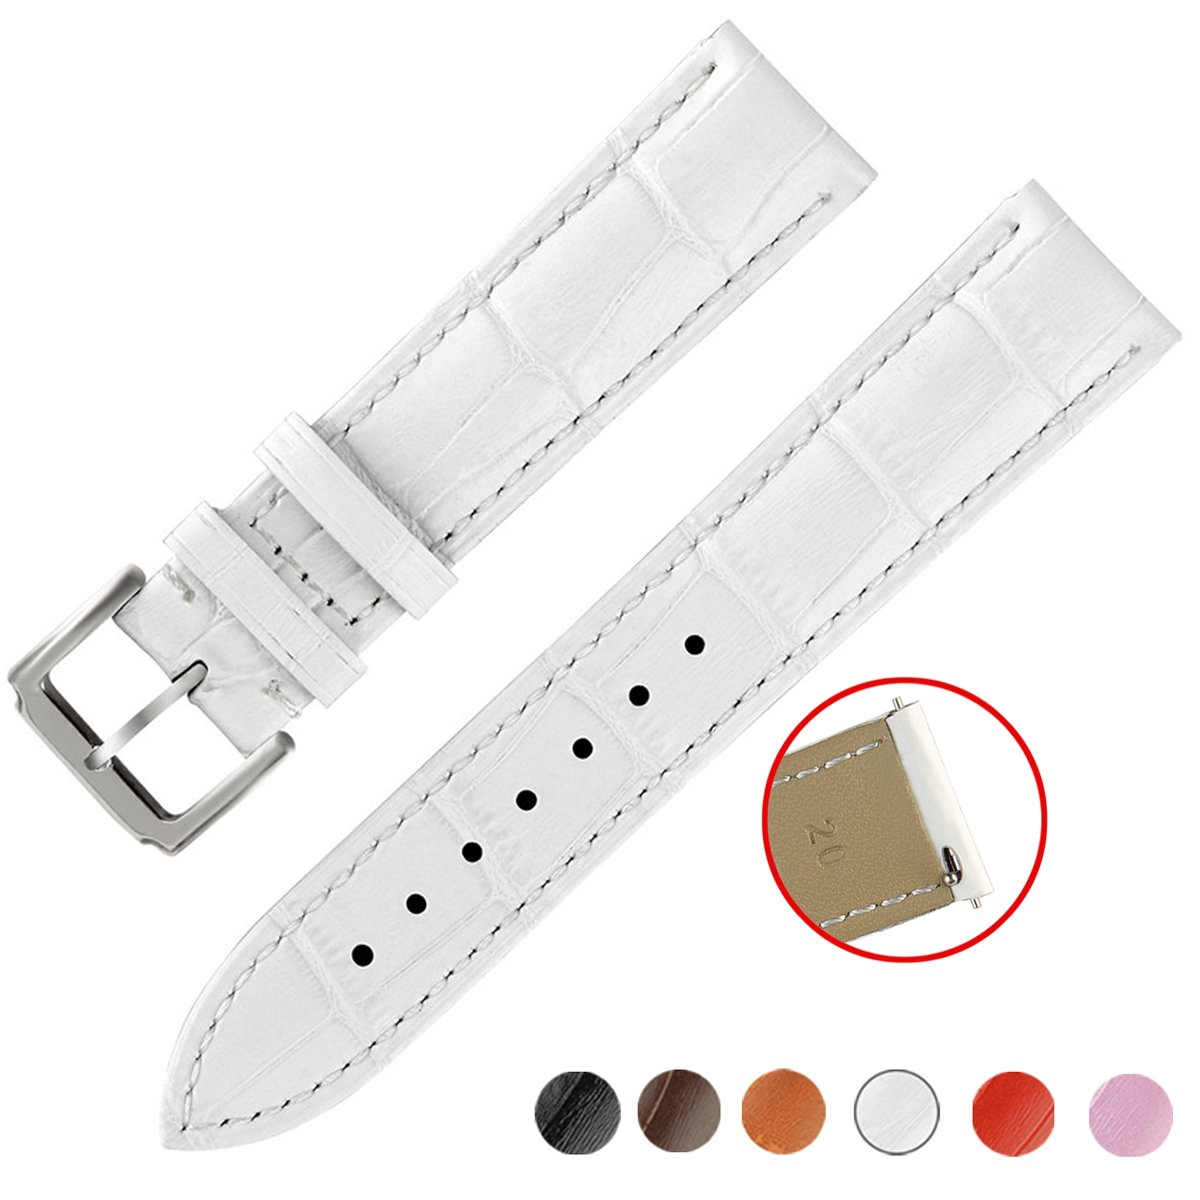 クイックリリースレザー時計バンド、ownitow本革時計ストラップ14 mm、16 mm、17 mm、18 mm、19 mm、20 mm、21 mm、22 mmまたは24 mm 22mm|ホワイト ホワイト 22mm B078NV2F1W